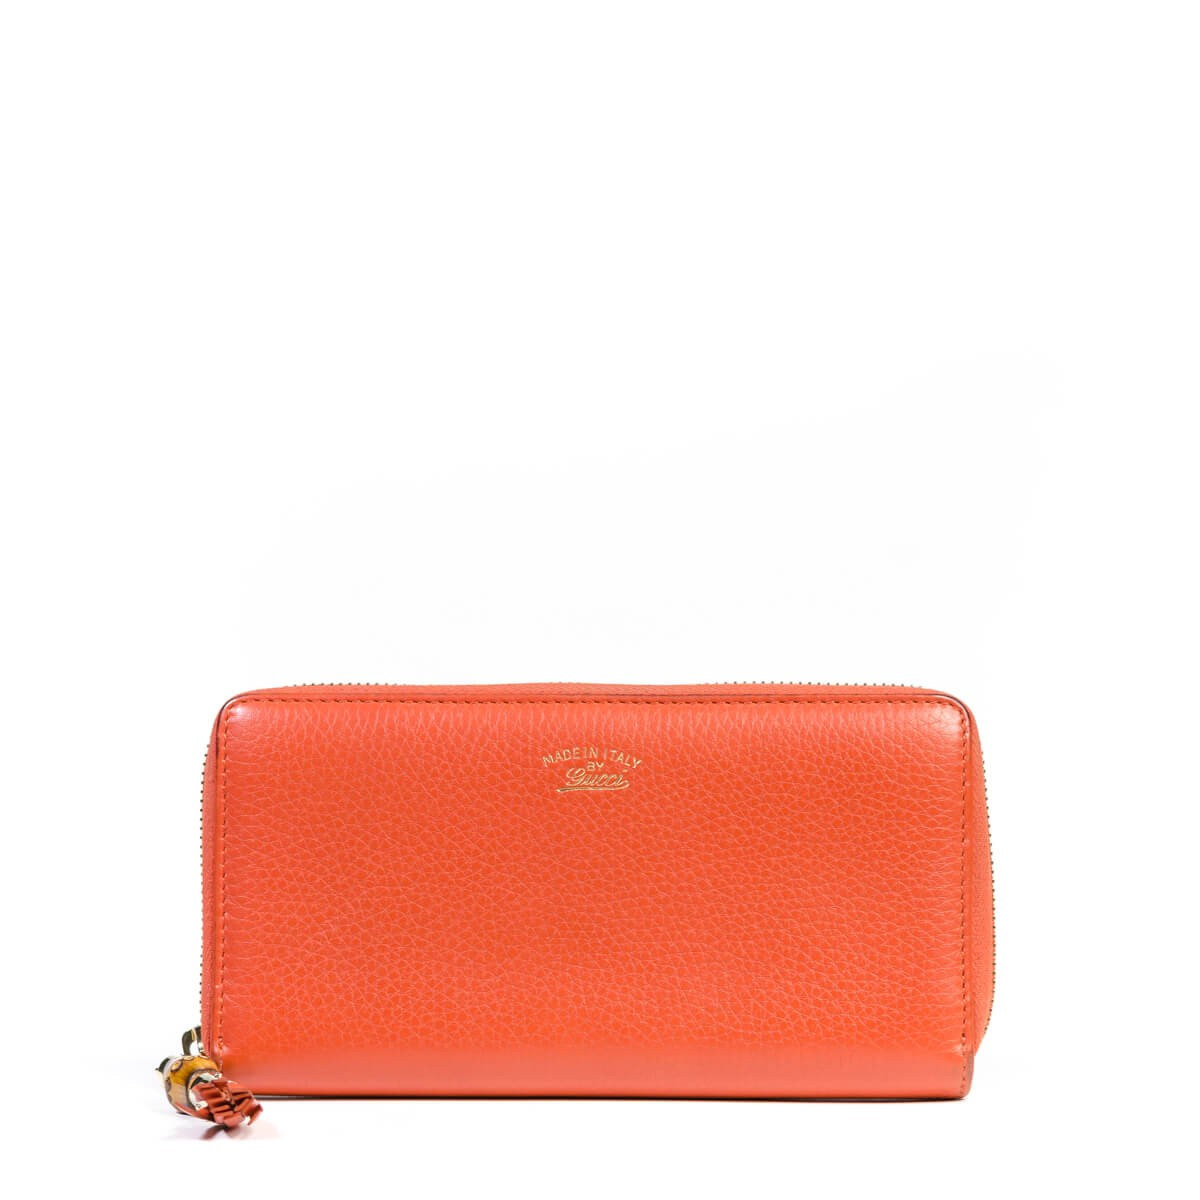 7551e7511e32 Gucci Orange Bamboo Tassel Leather Zip Around Wallet